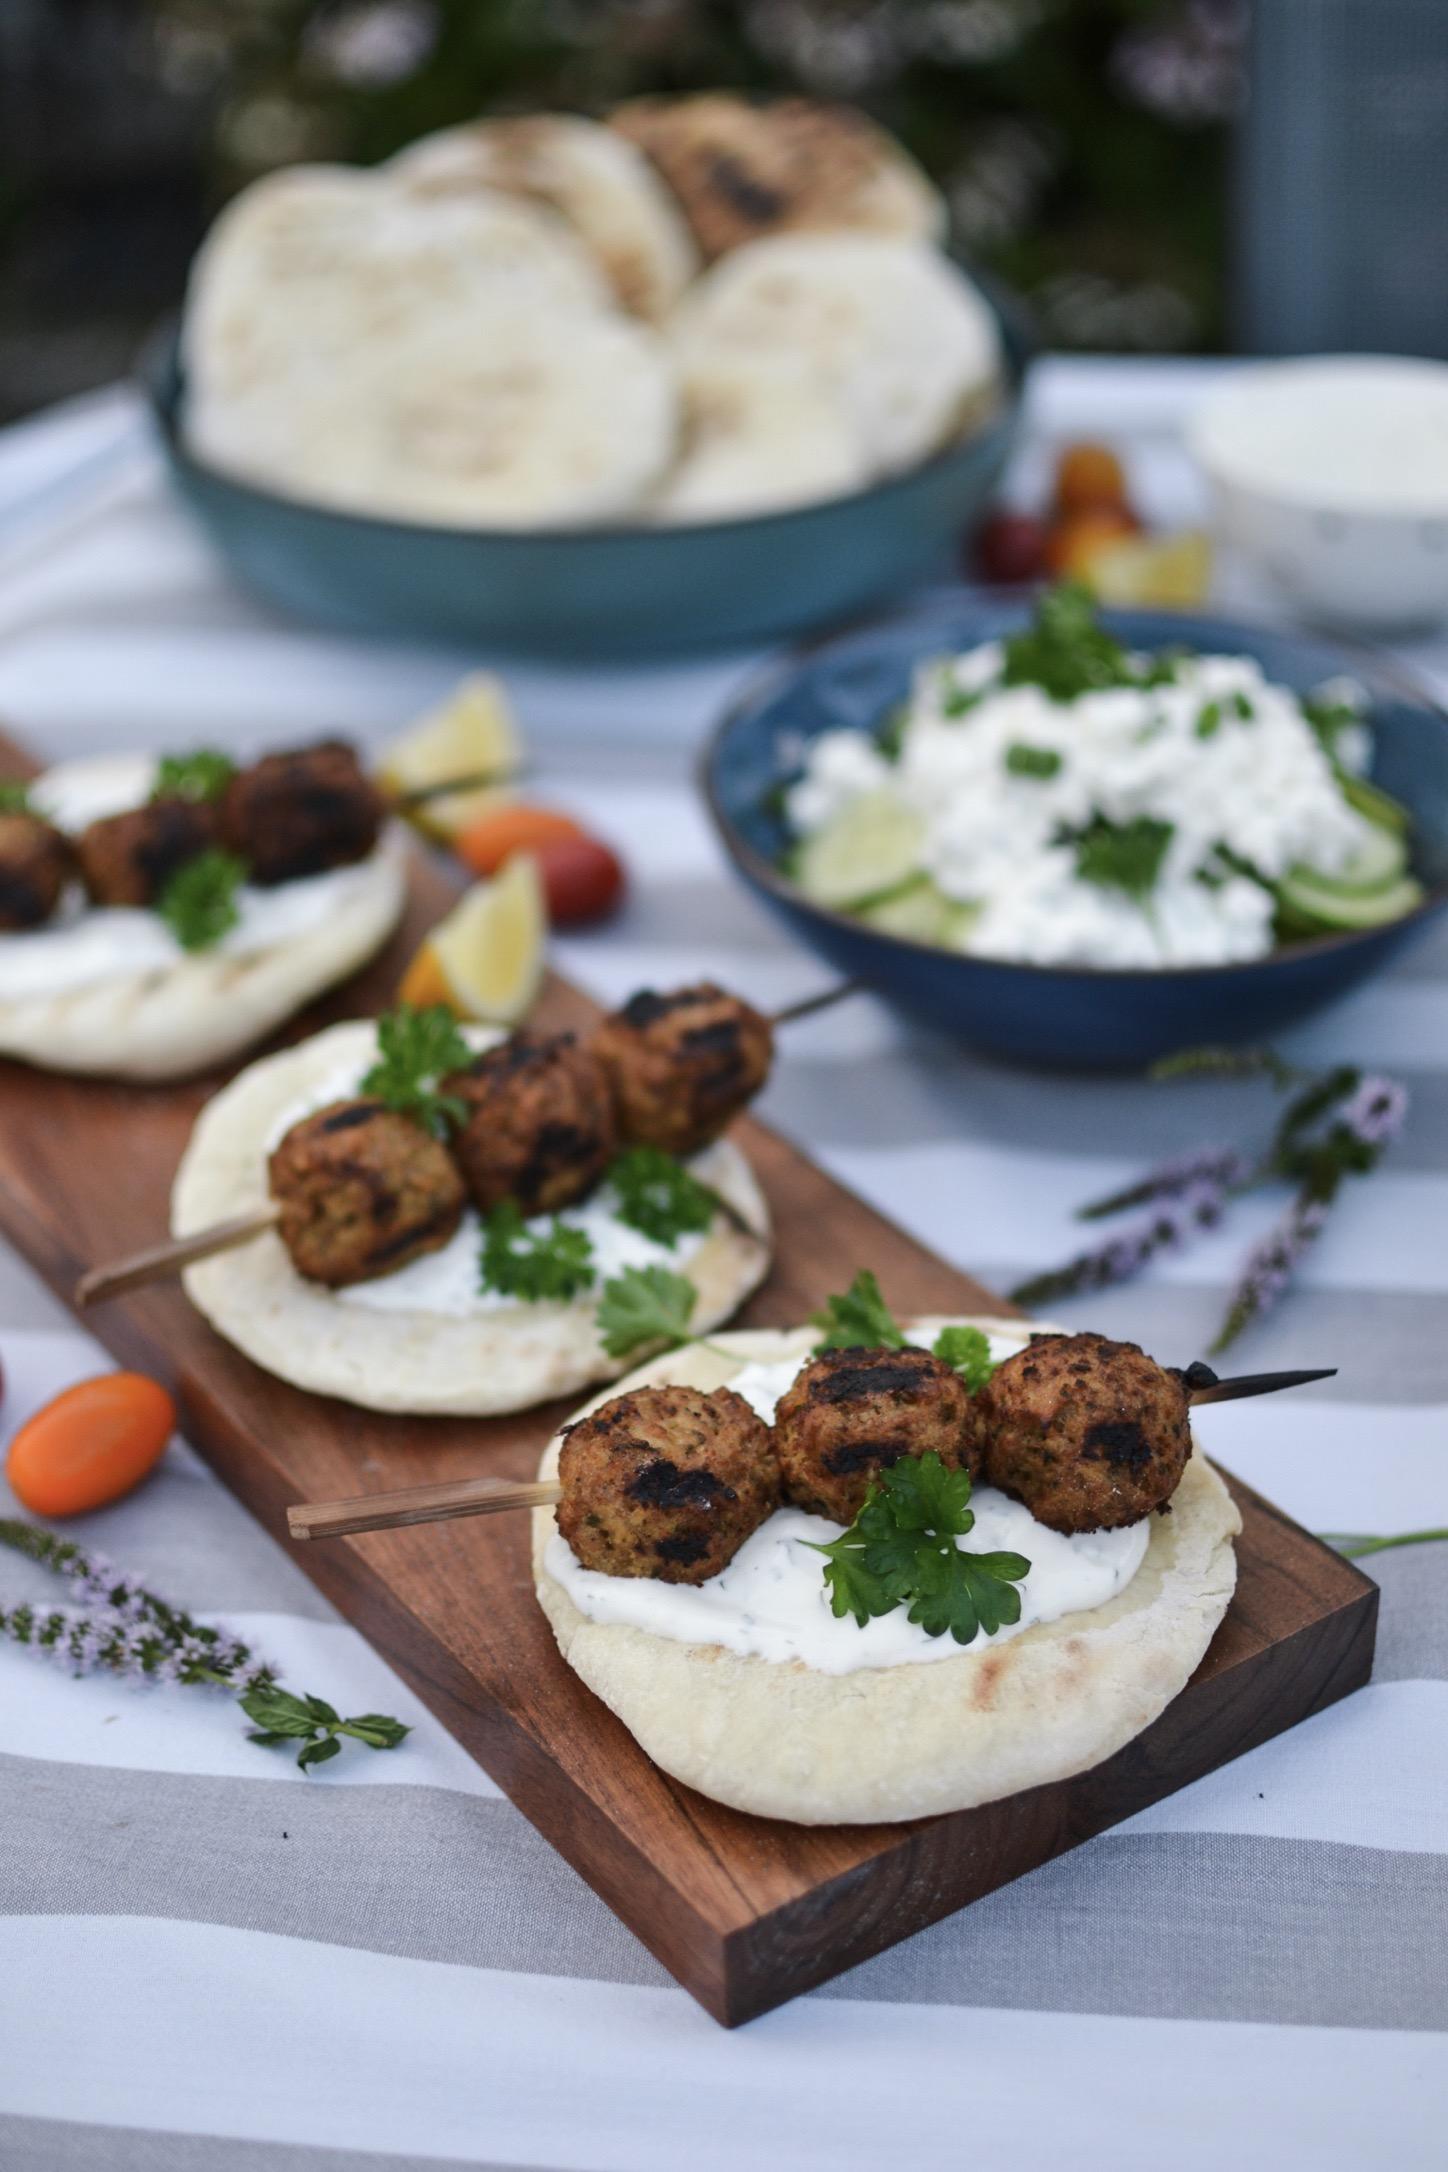 BBQ végétarien , quelques brochettes de boulettes veggie et des pains plats maison